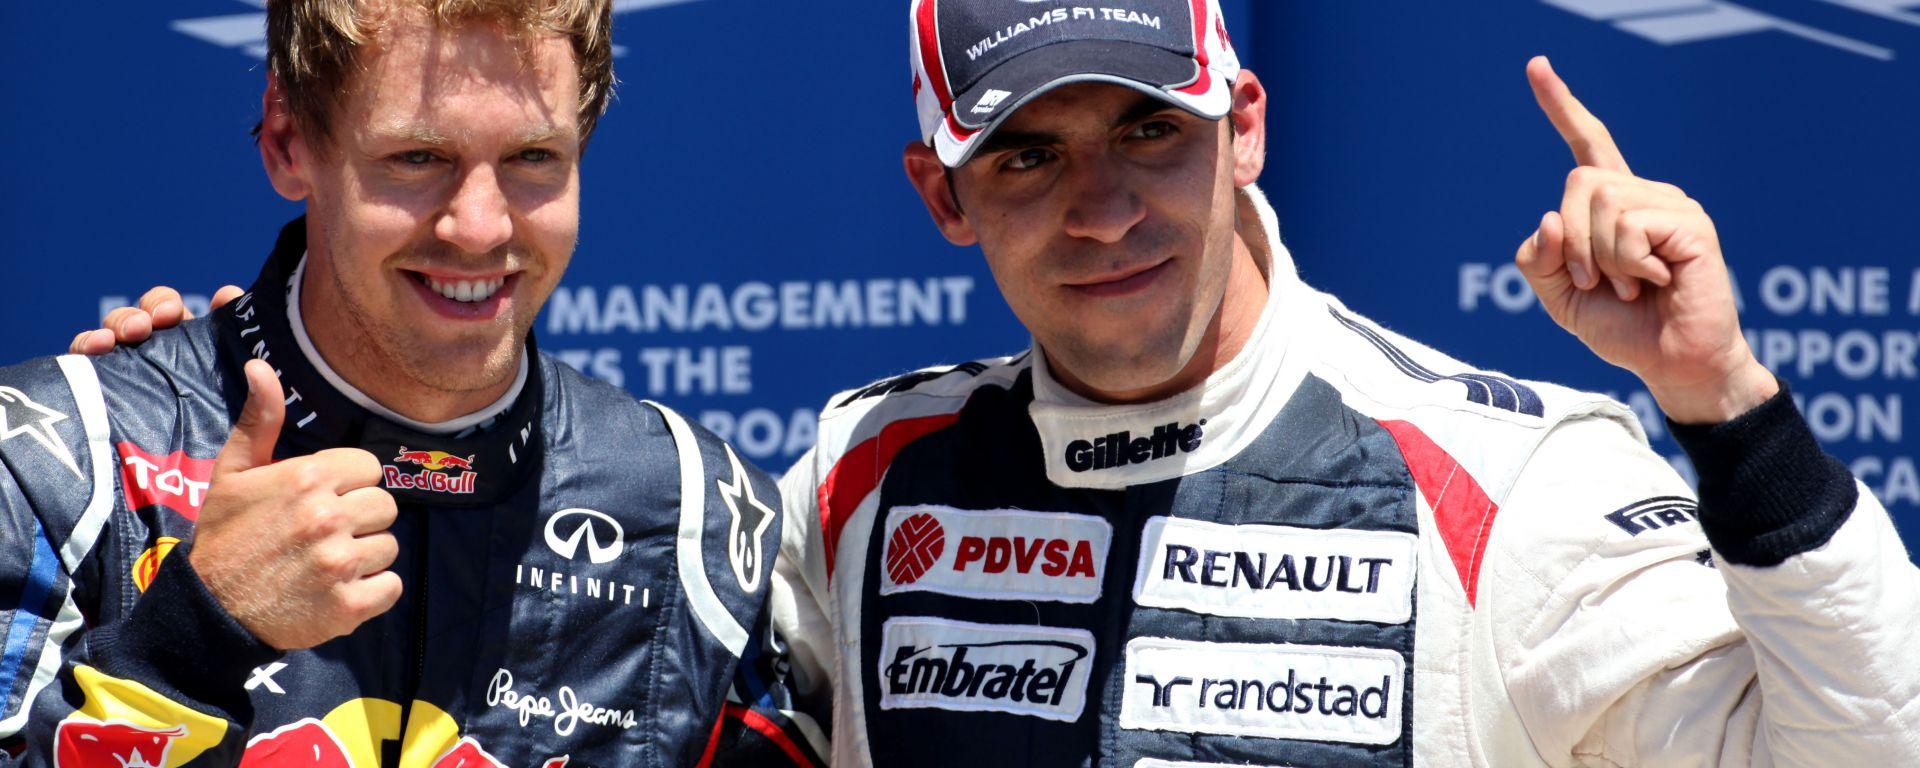 F1, GP Europa 2012: Sebastian Vettel (Red Bull) e Pastor Maldonado (Williams) al termine delle qualifiche